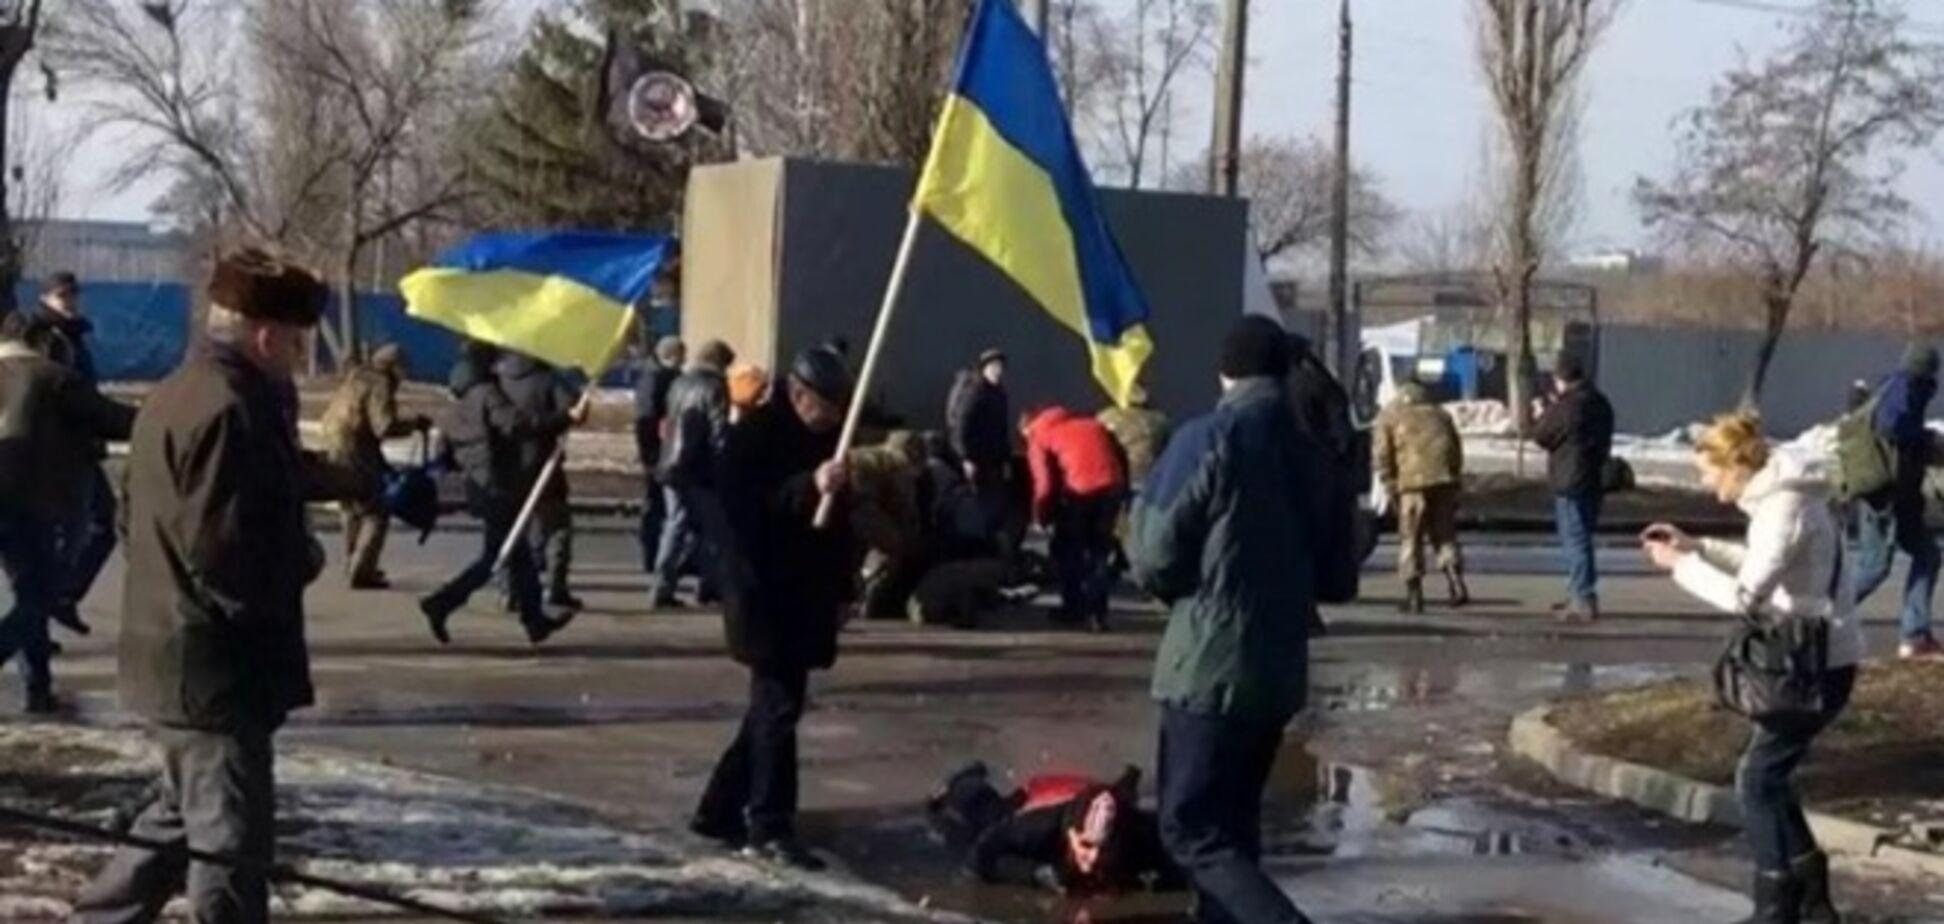 Теракт в Харькове: число жертв выросло до четырех